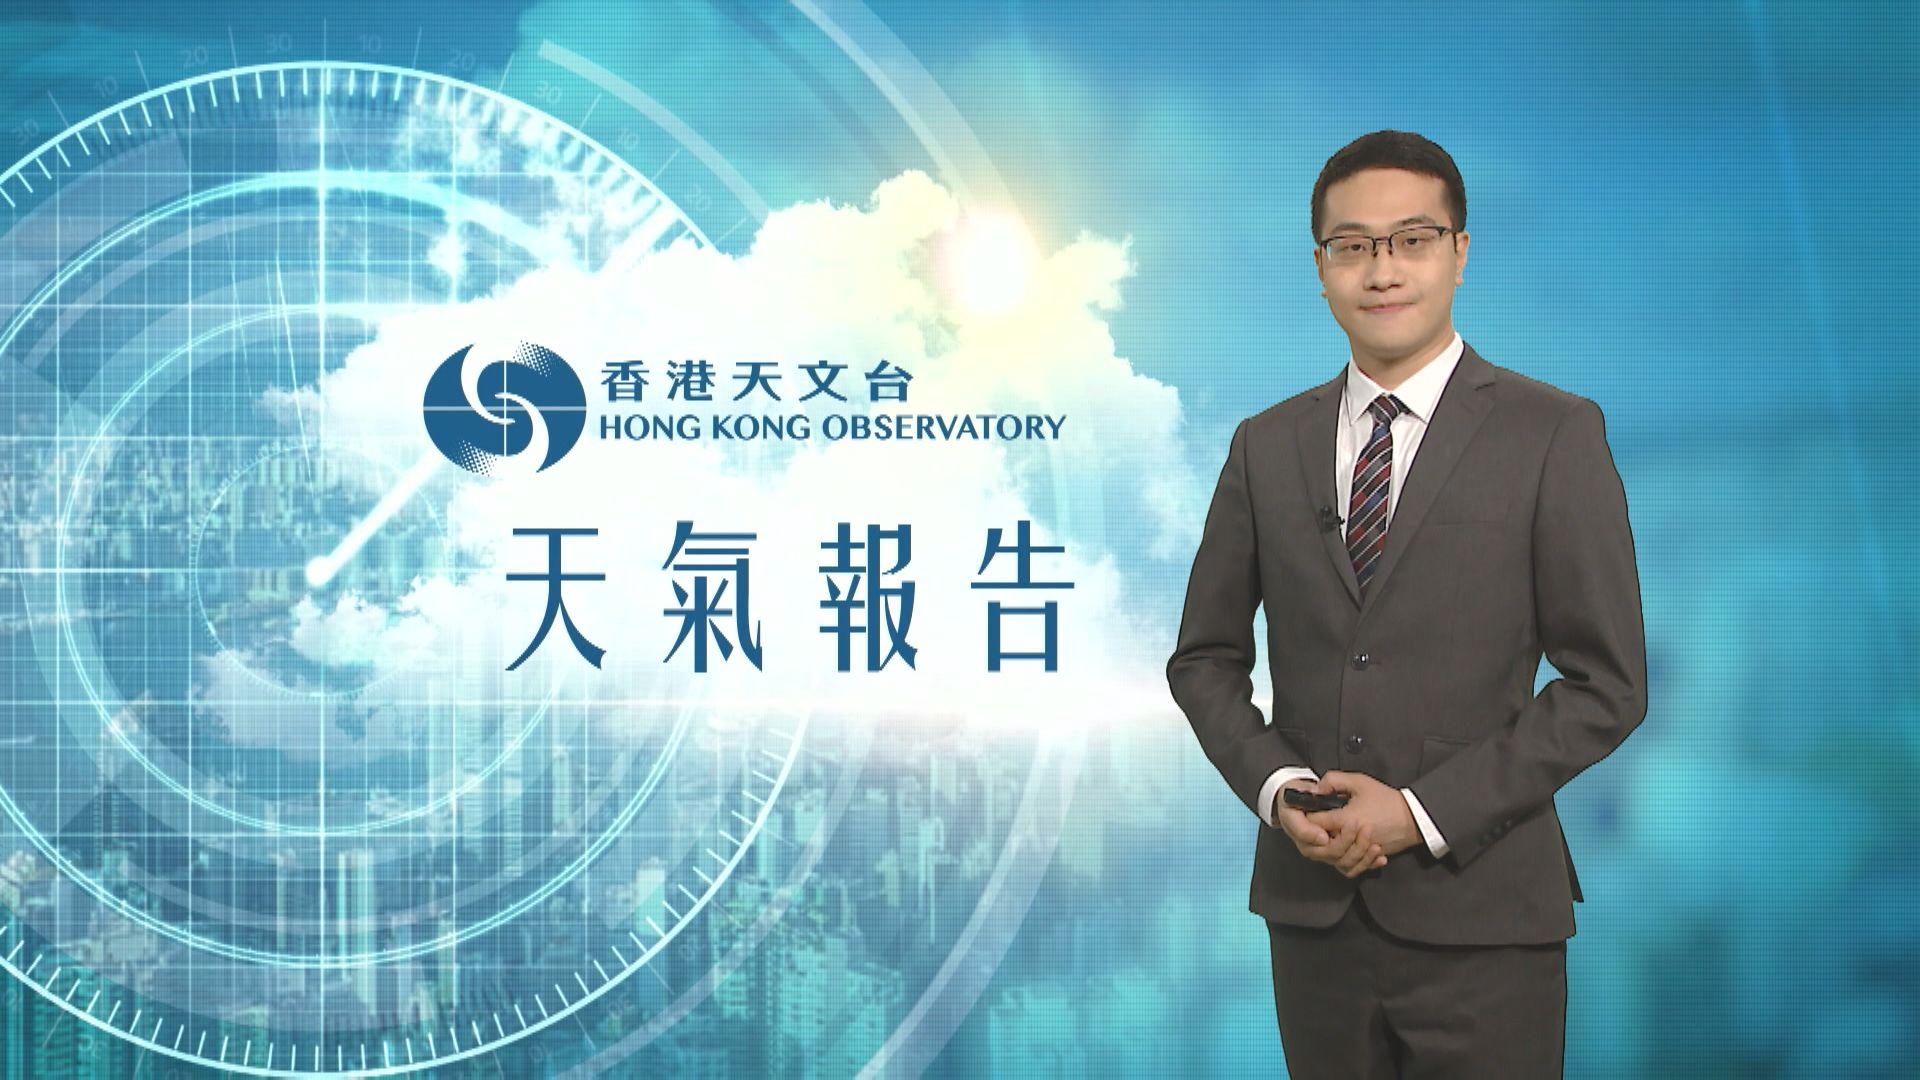 【天氣報告】(5月22日)